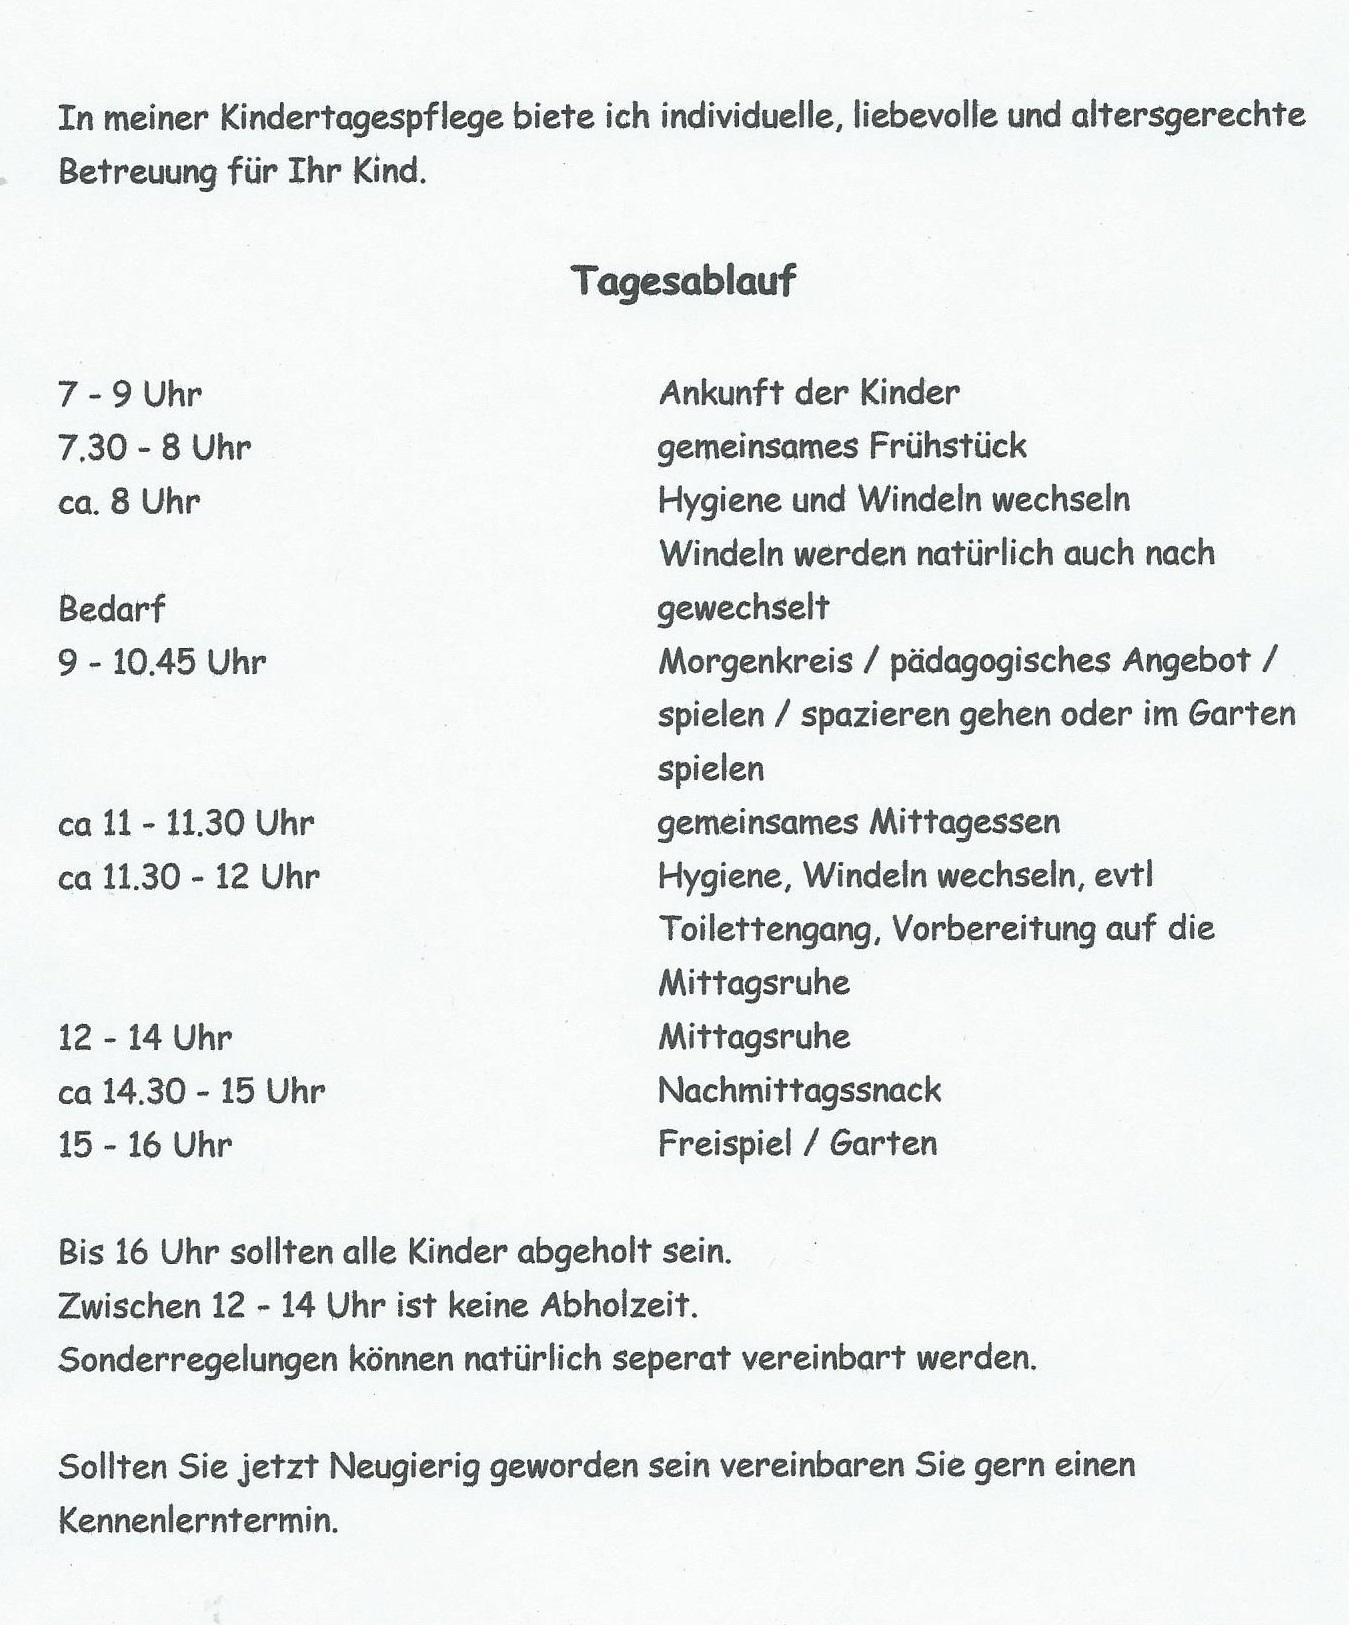 Vorstellung11